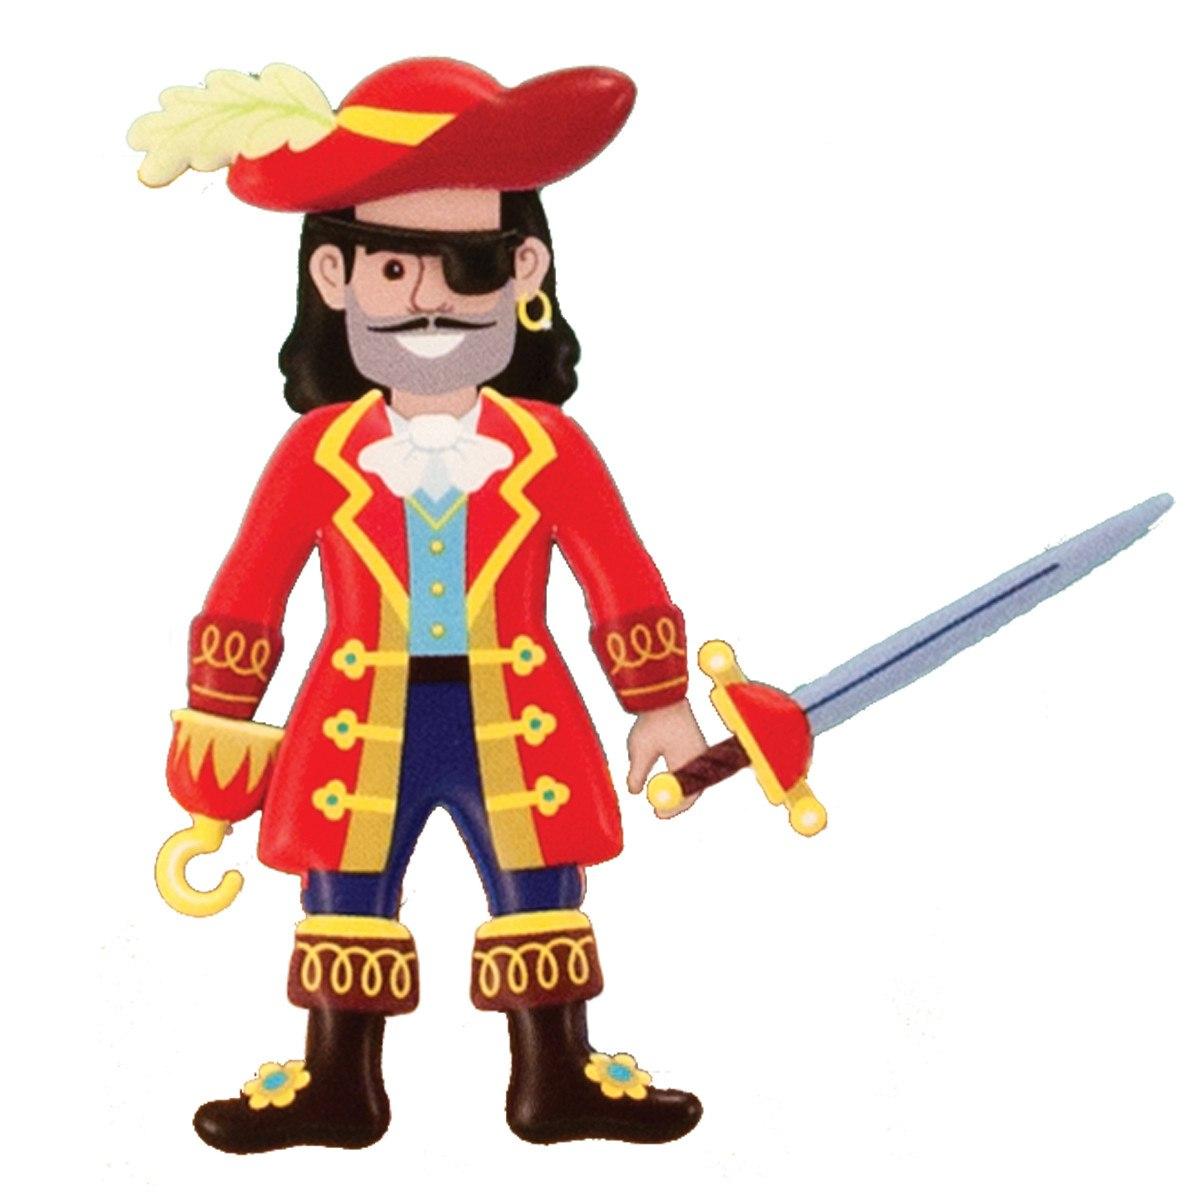 Klistermärke-set Pirater